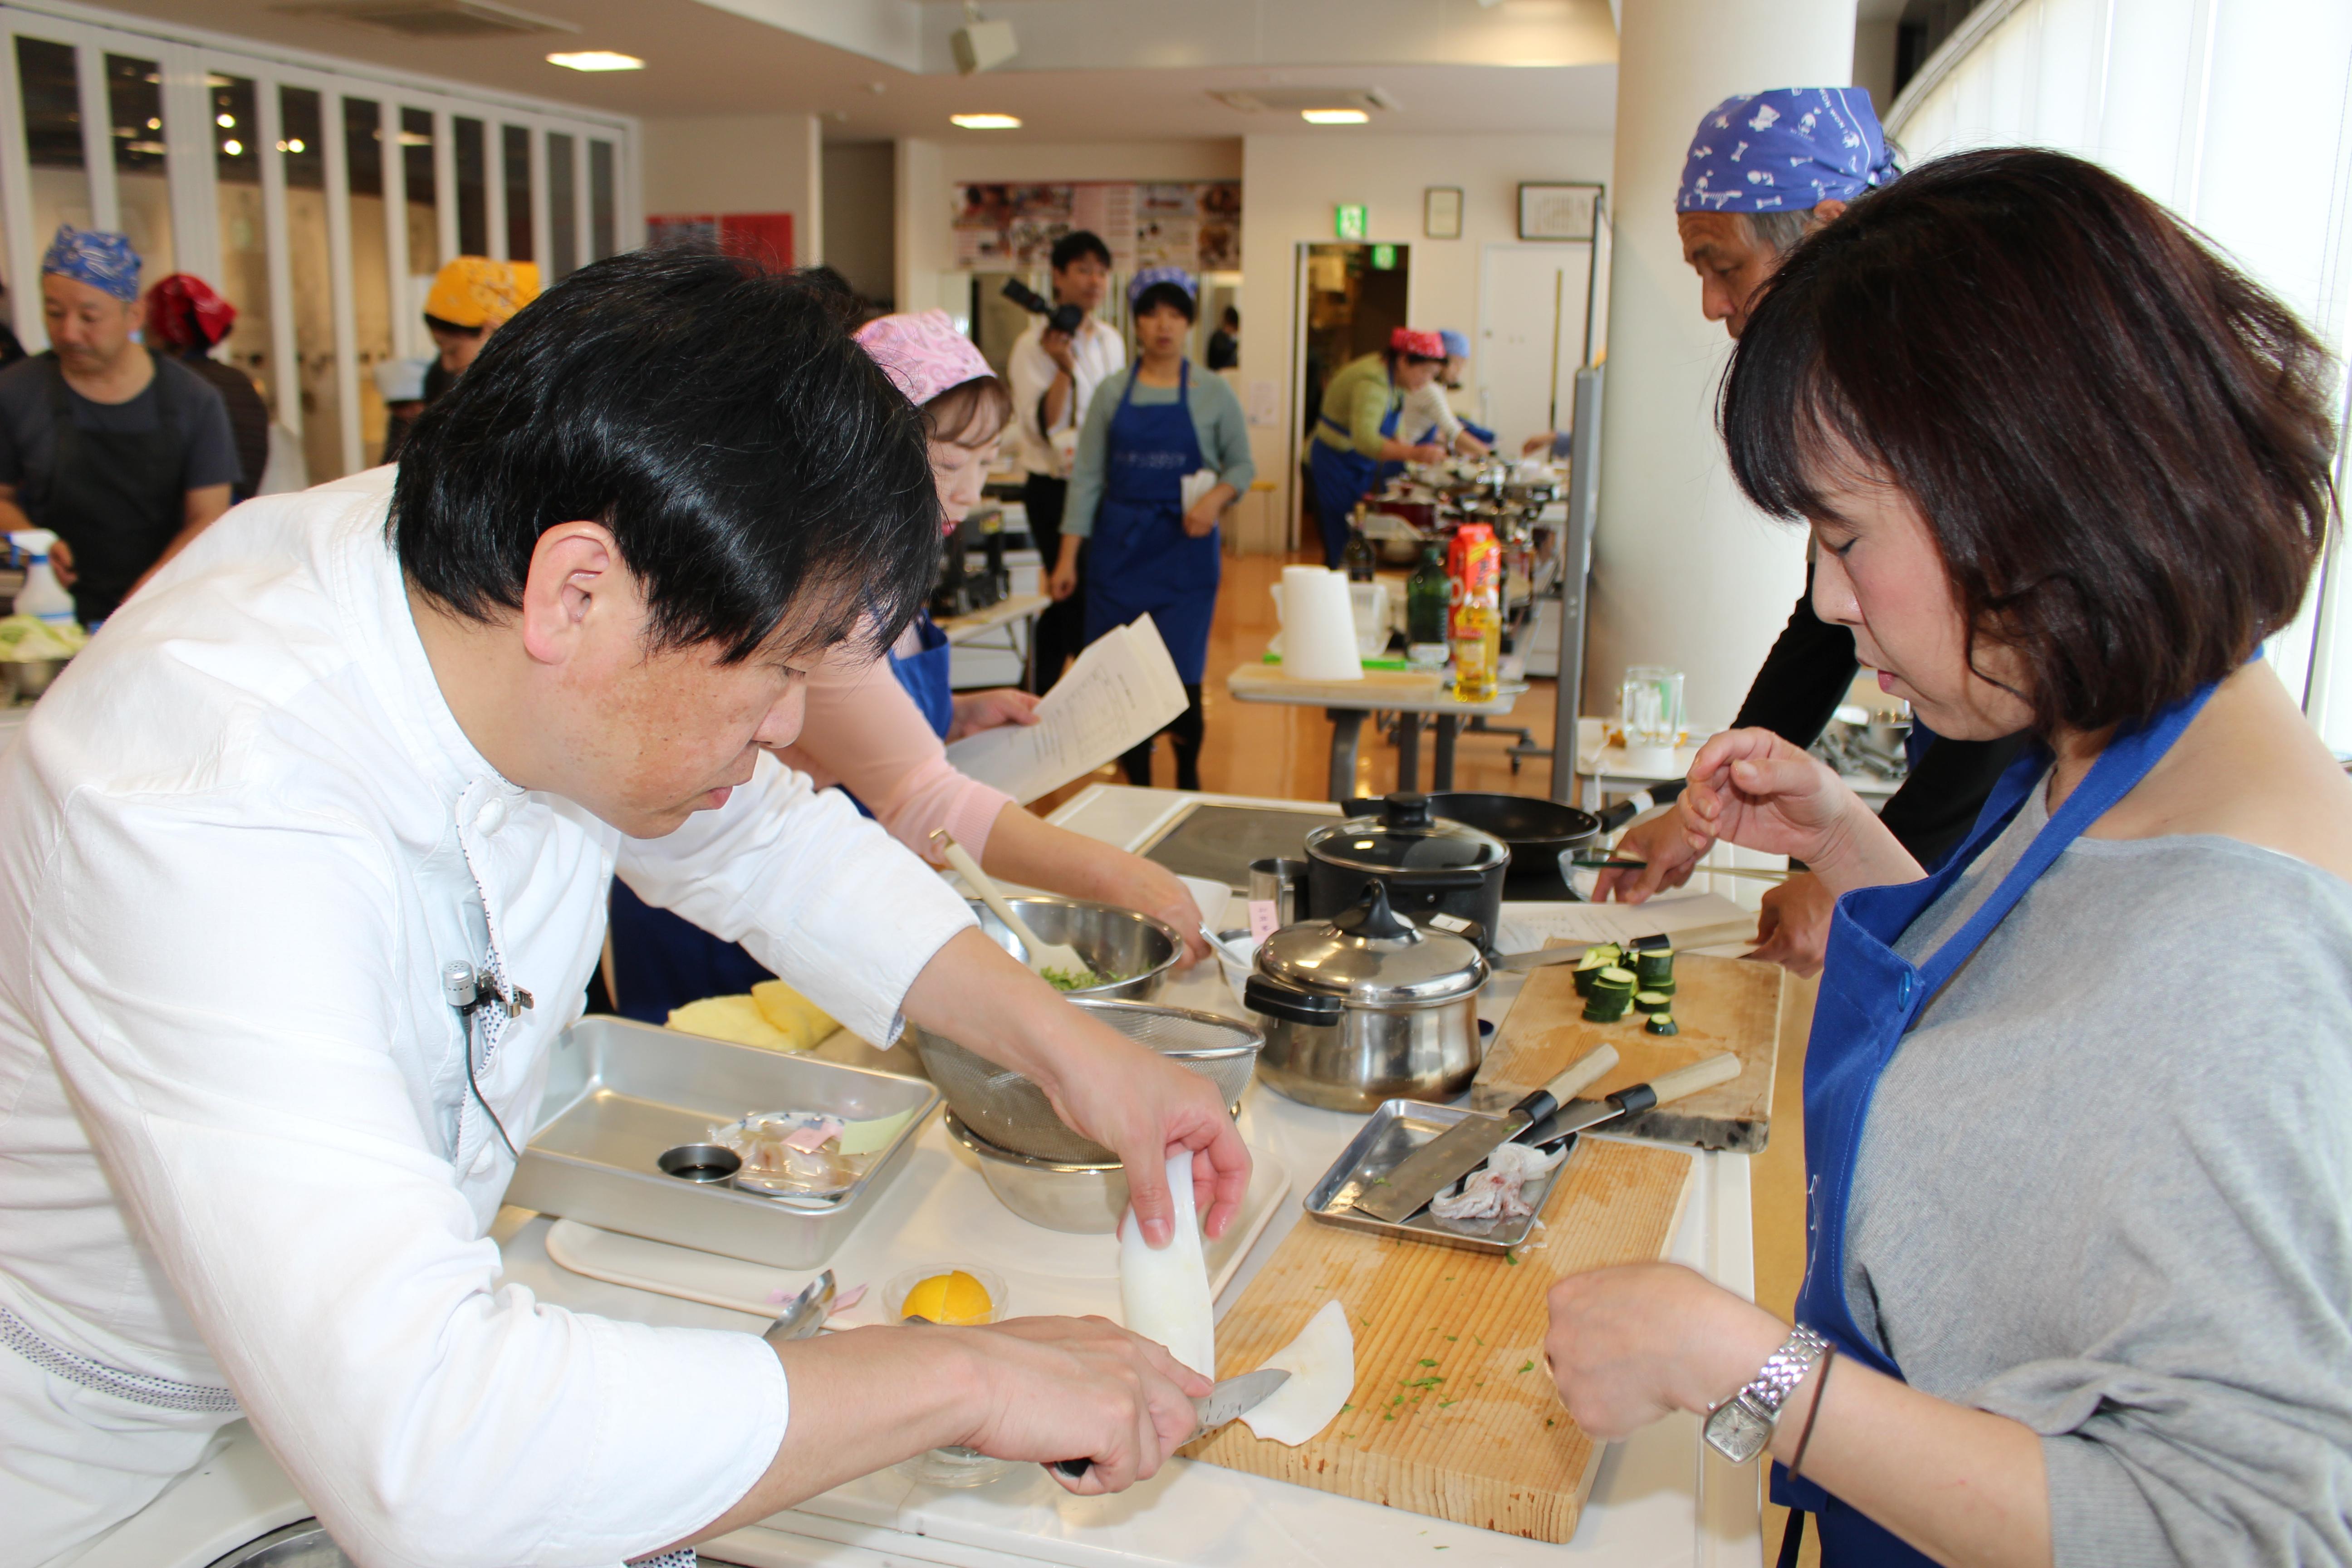 29246edc3e 「御食国アカデミー」は、食を学ぼうとするすべての人に開かれるプログラムです。 若狭おばまの美食がさらに磨かれるといいですね。